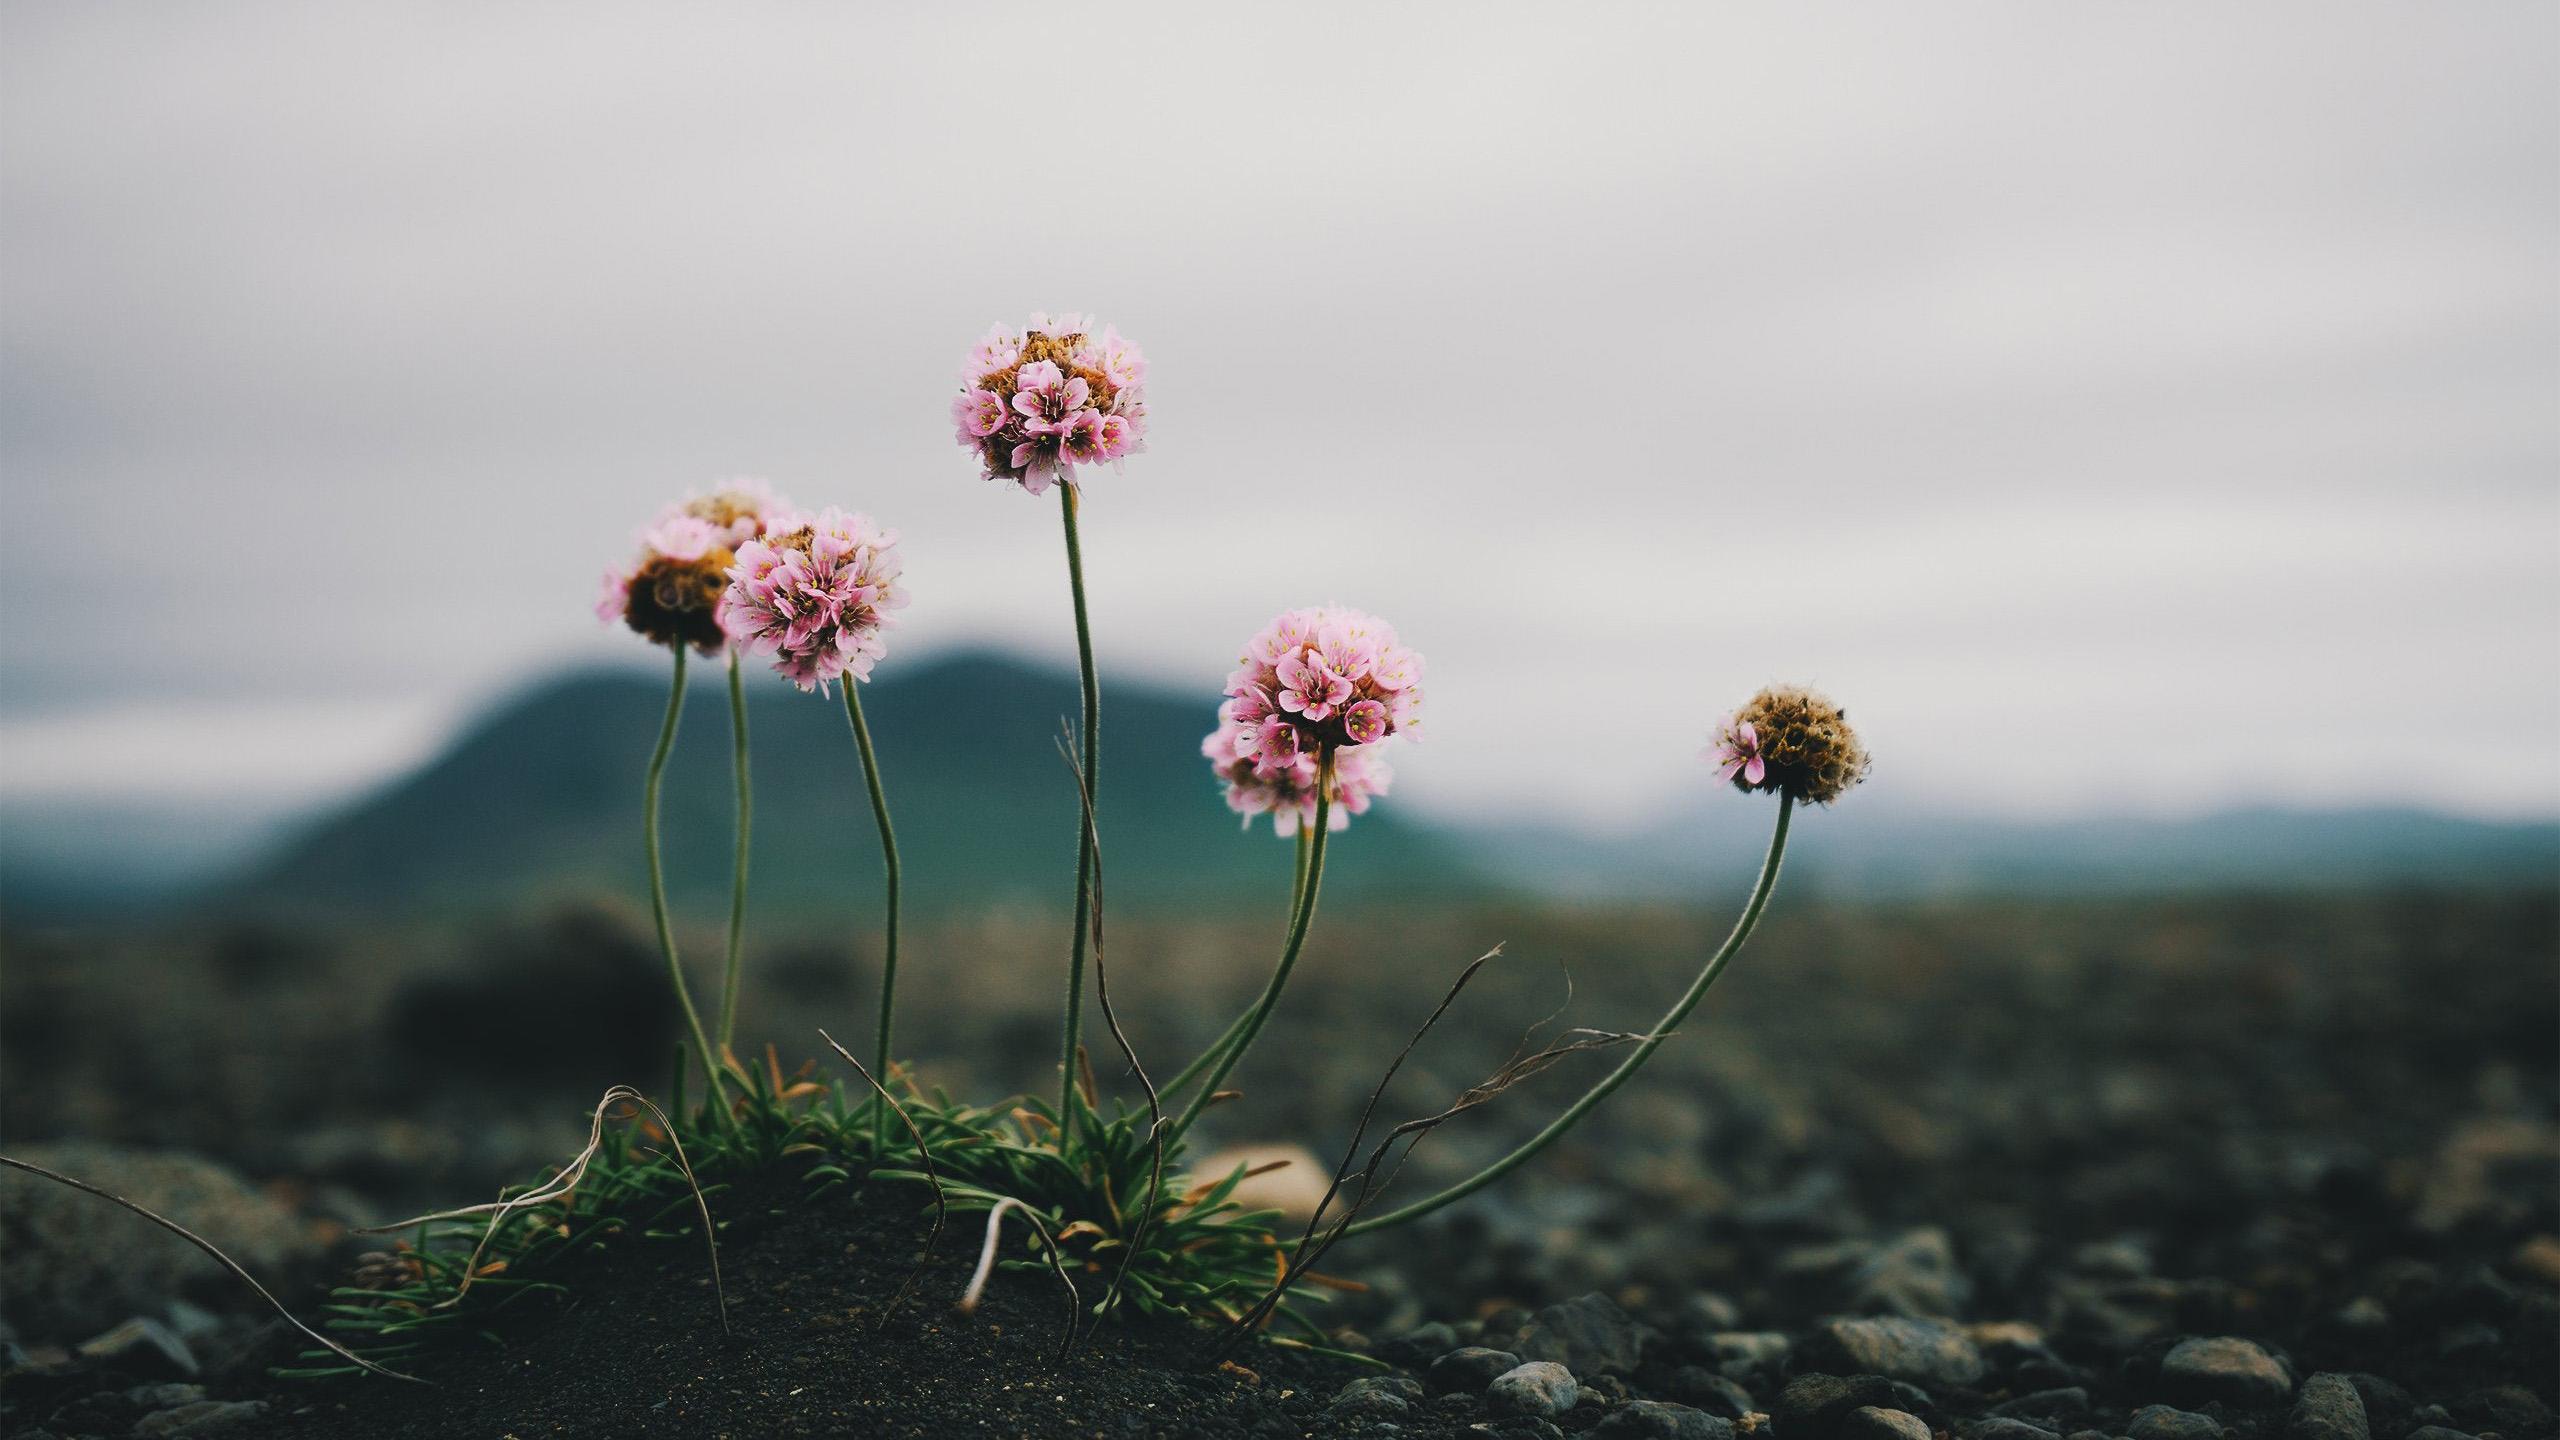 小清新,清新淡雅,鲜花,绣球,特写,野花